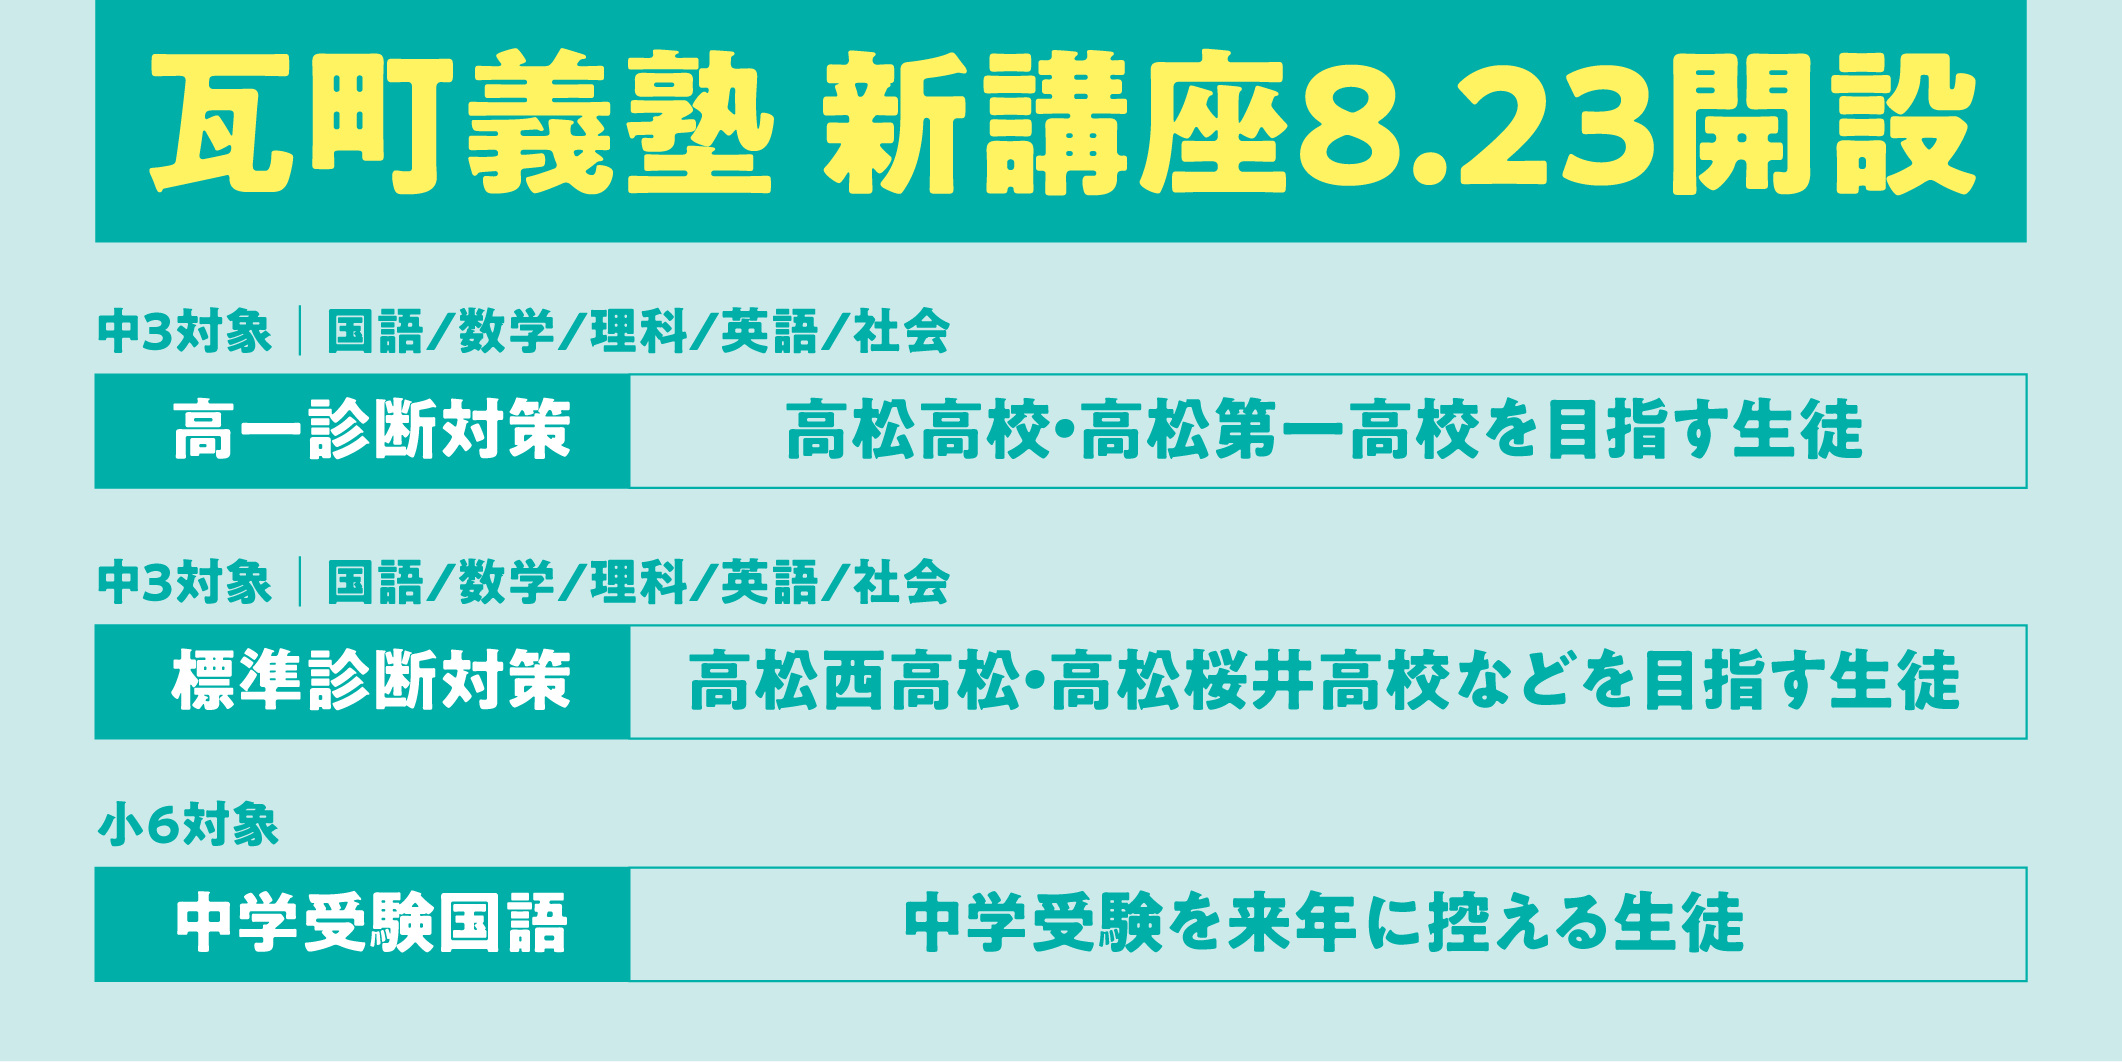 瓦塾2021年新講座8.23開設